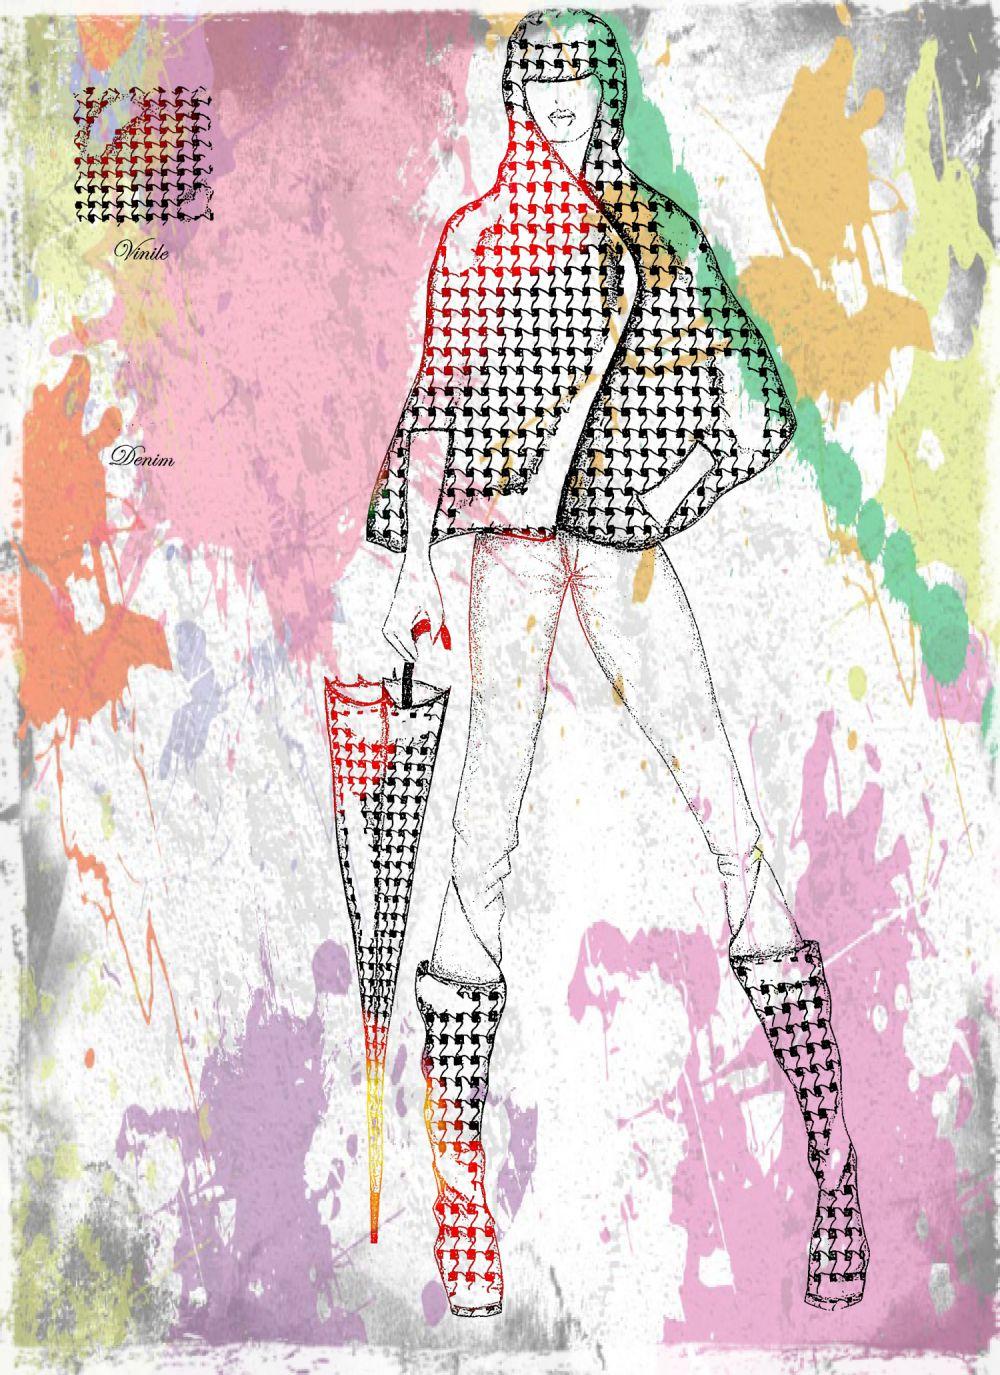 Istituto di moda burgo genova corso di stilismo corso for Scuola burgo